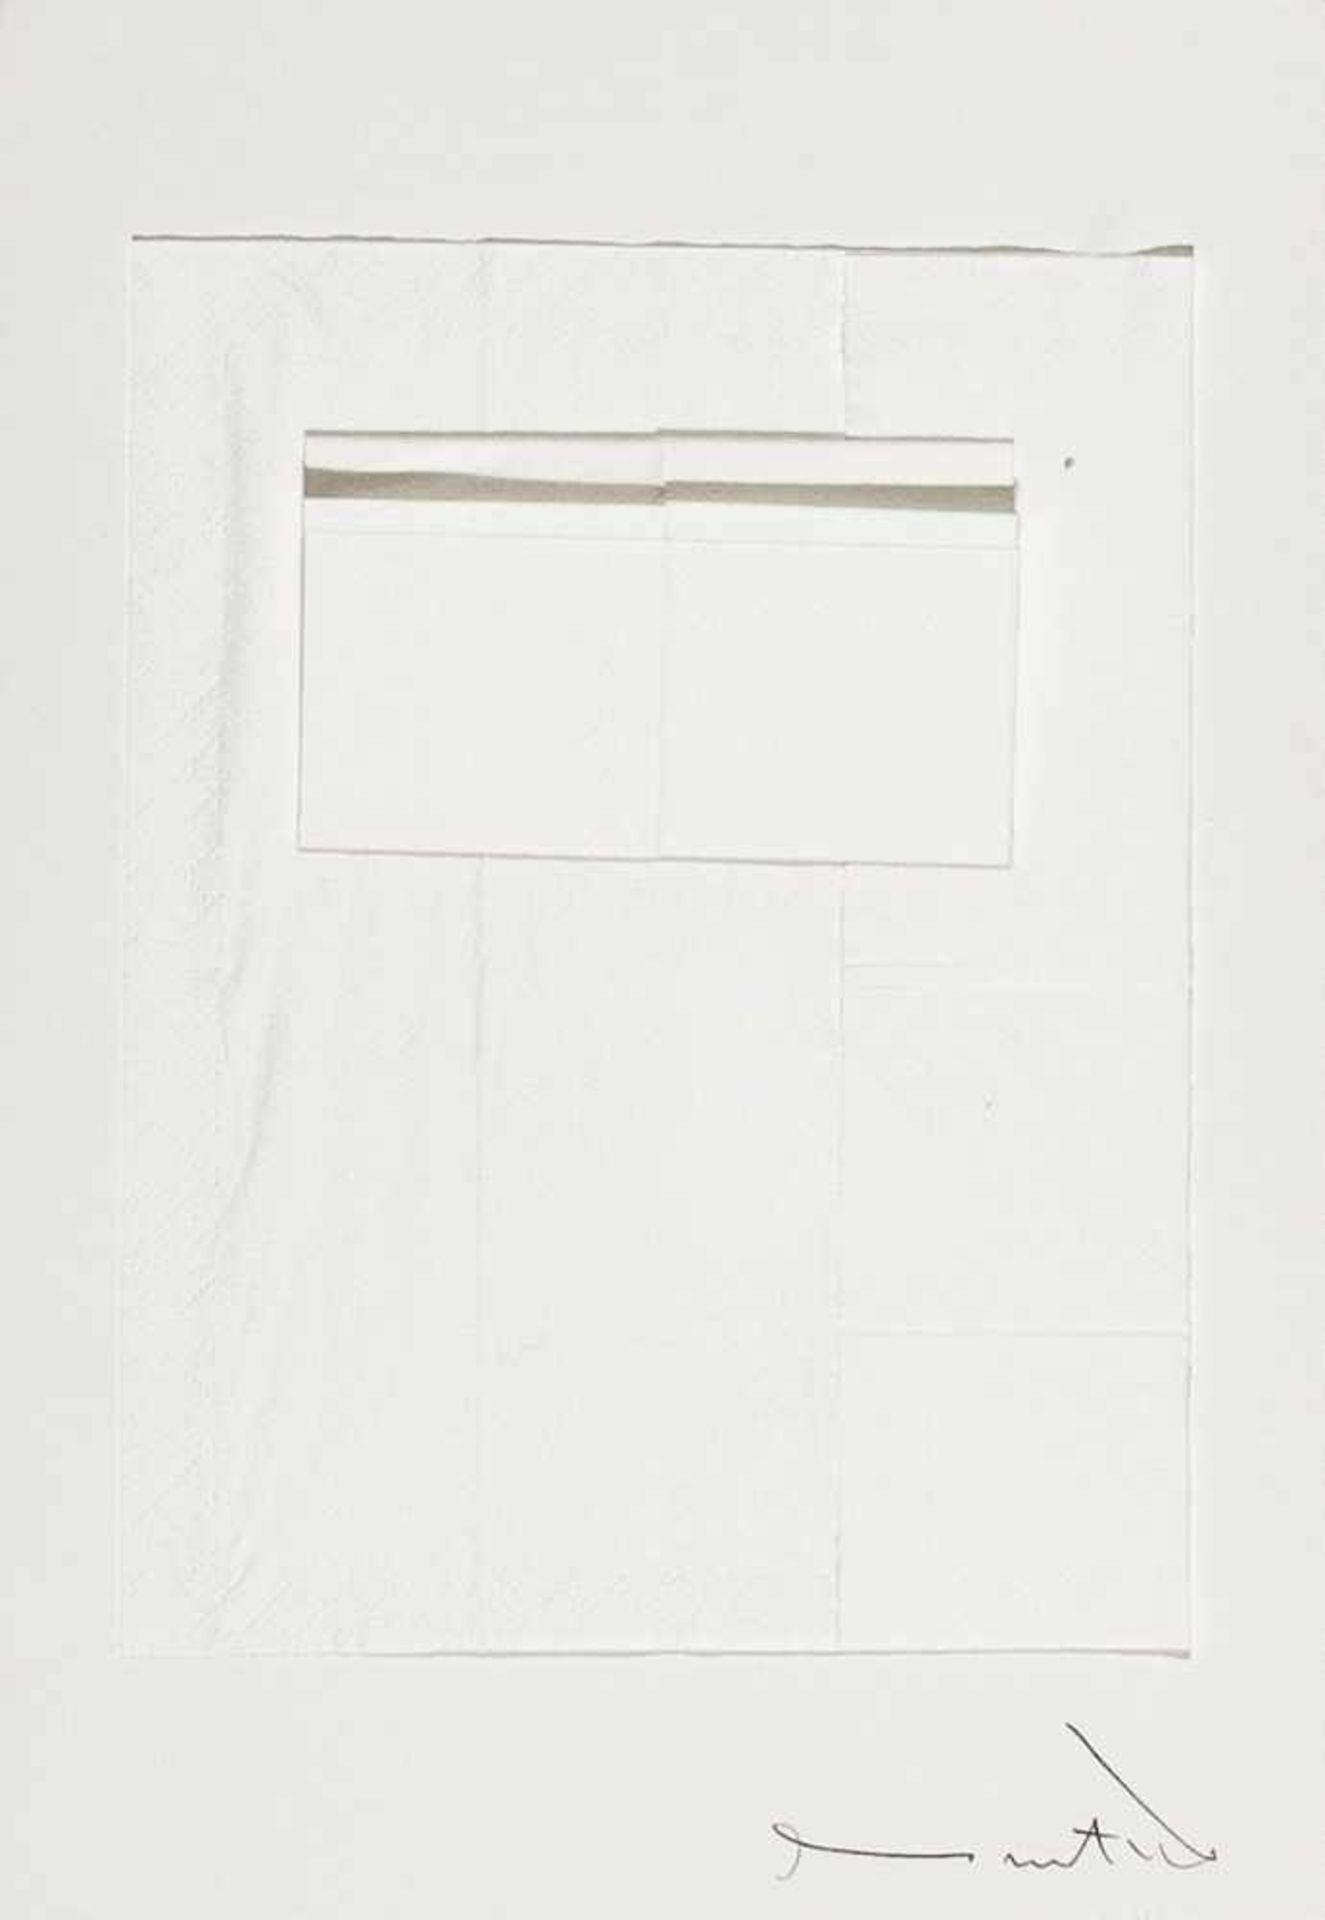 Los 33 - HERMANN NITSCH(1938 WIEN)o. T., 1972Papiertaschentücher auf weißem Karton, 21 x 30